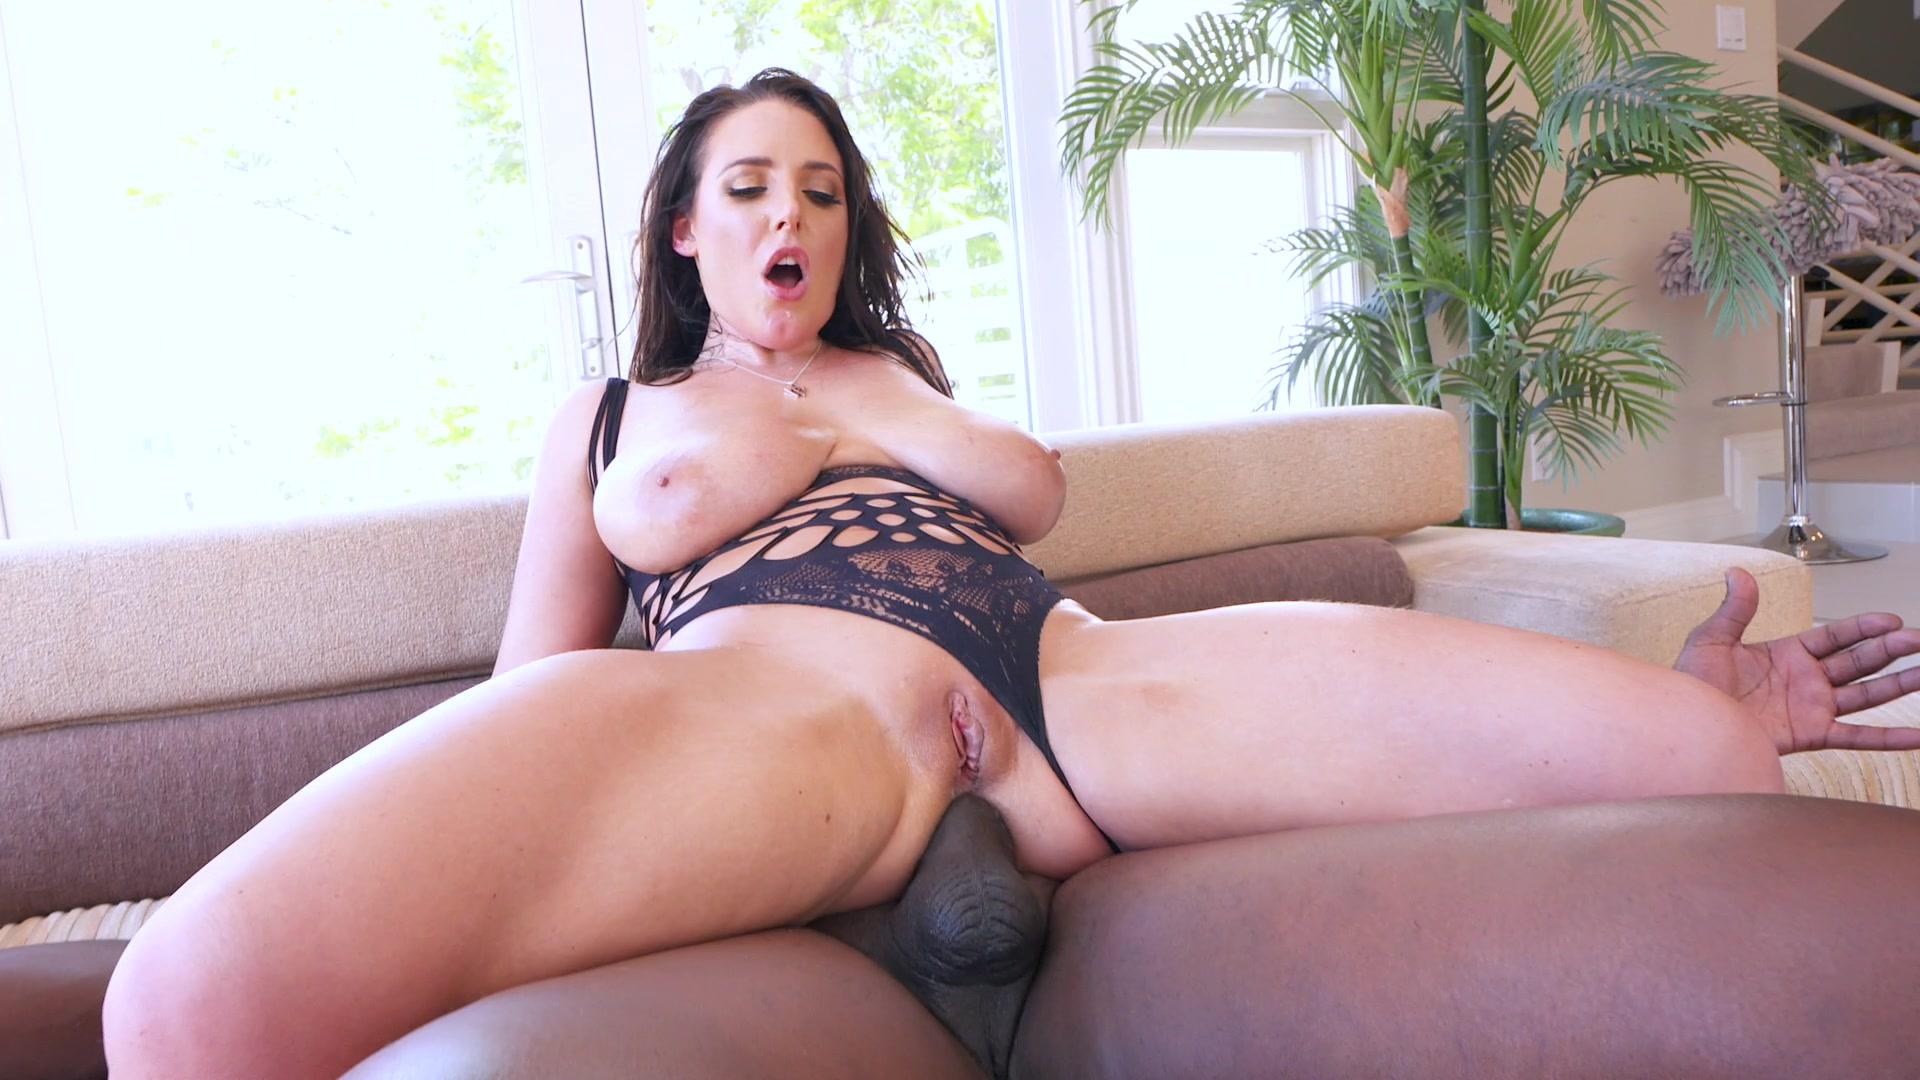 Karla marin fucked porn naked #3